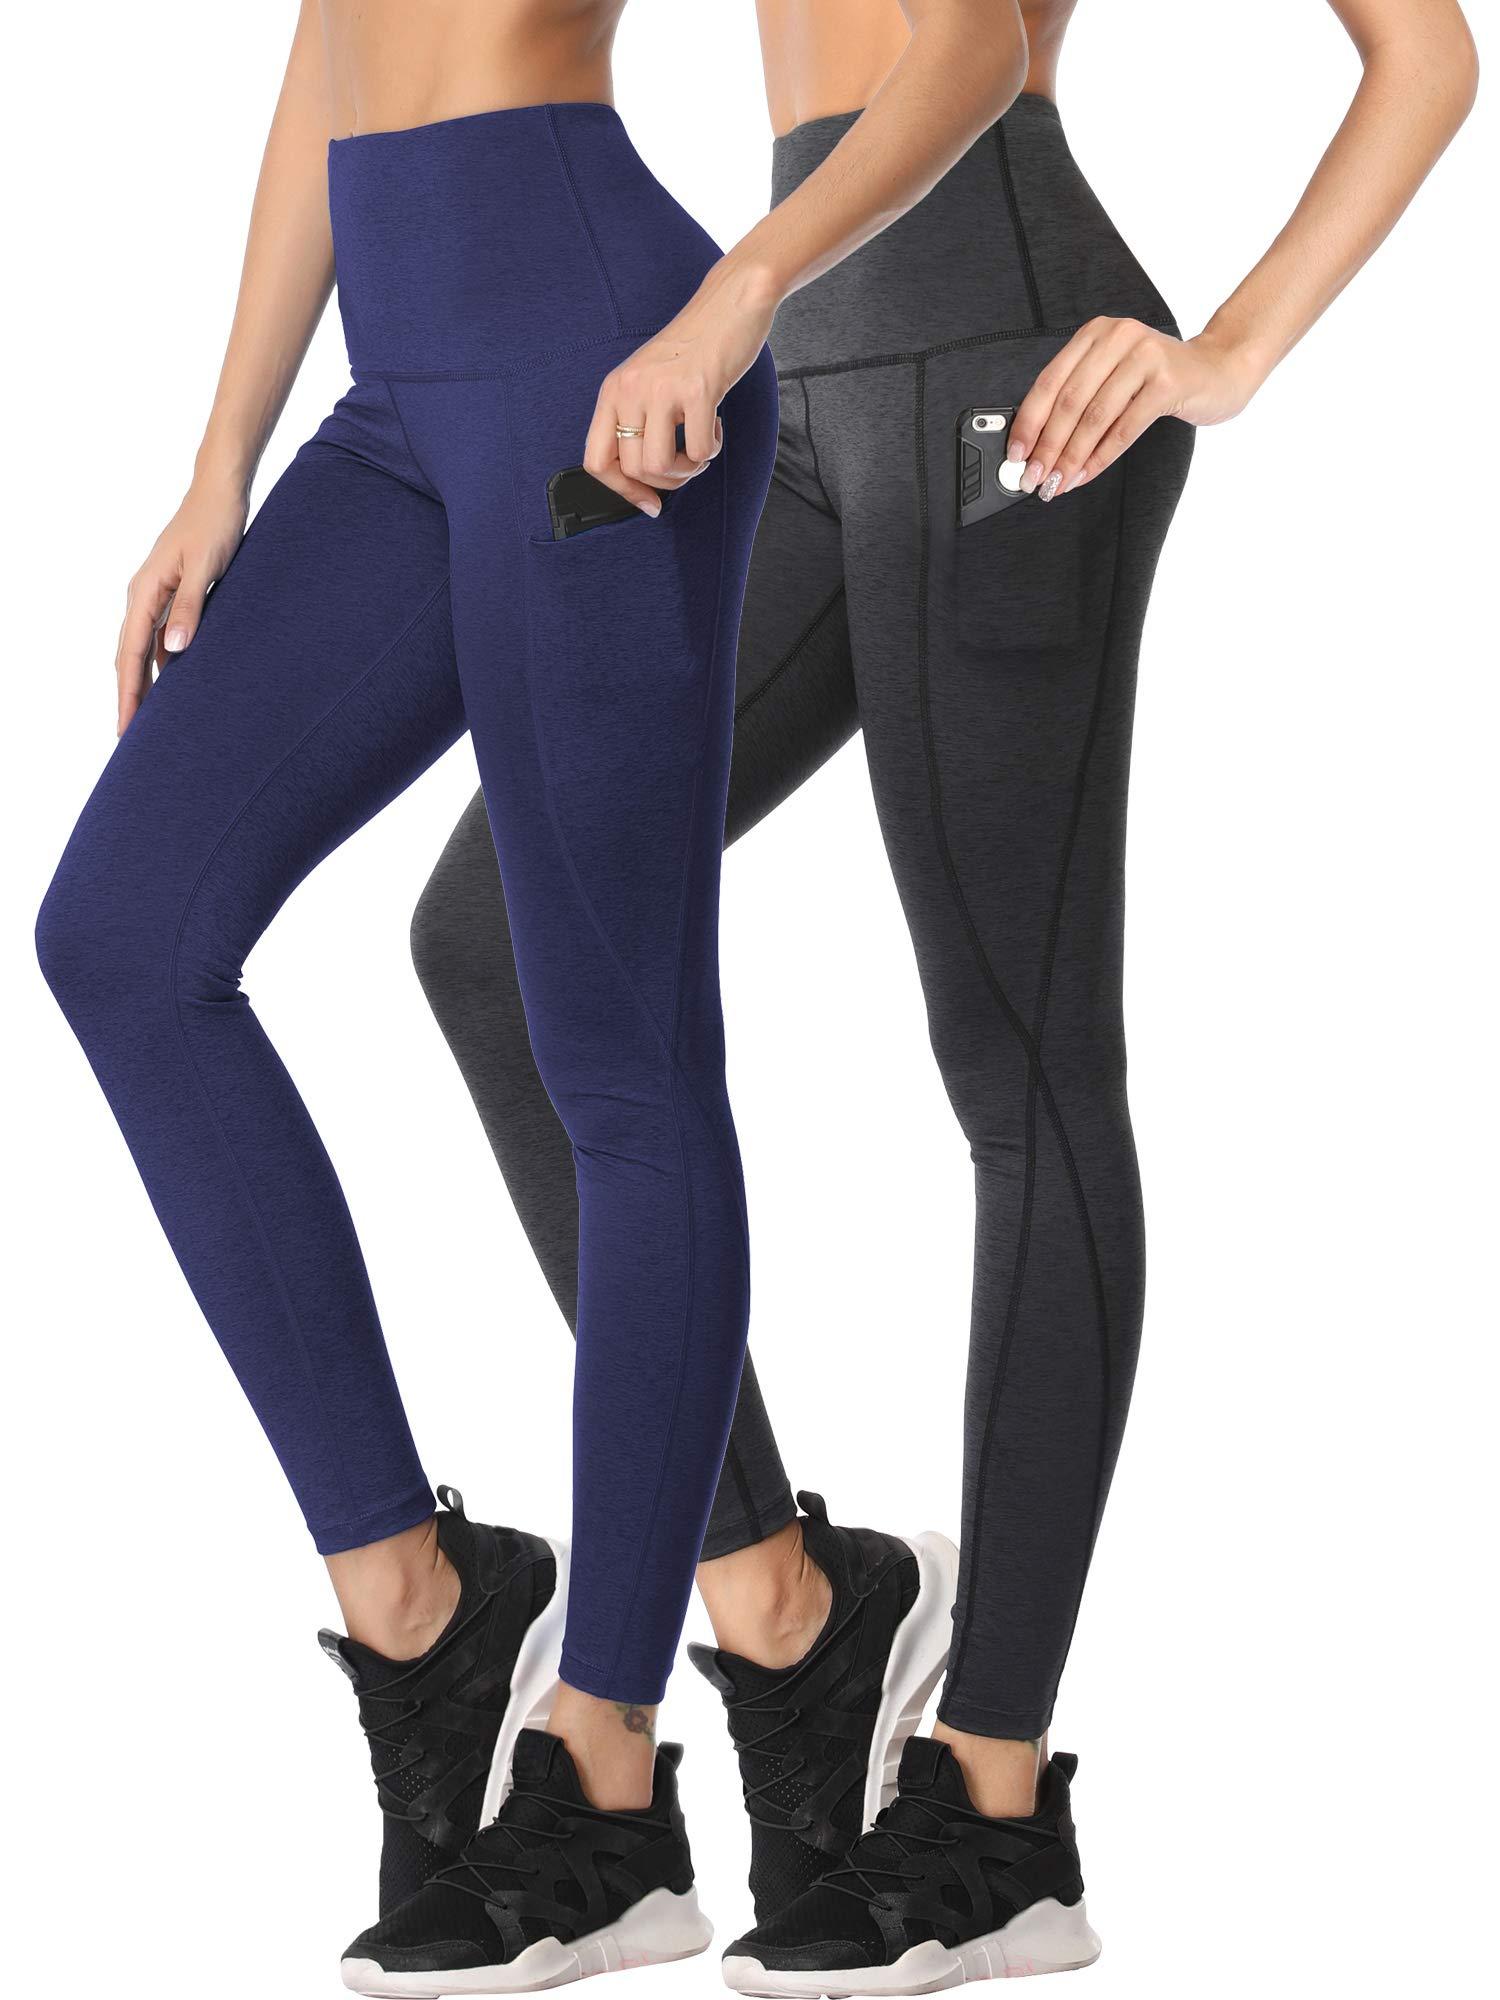 Cadmus Womens Tummy Control Running Leggings for Yoga,1102,Dark Grey & Navy Blue,Small